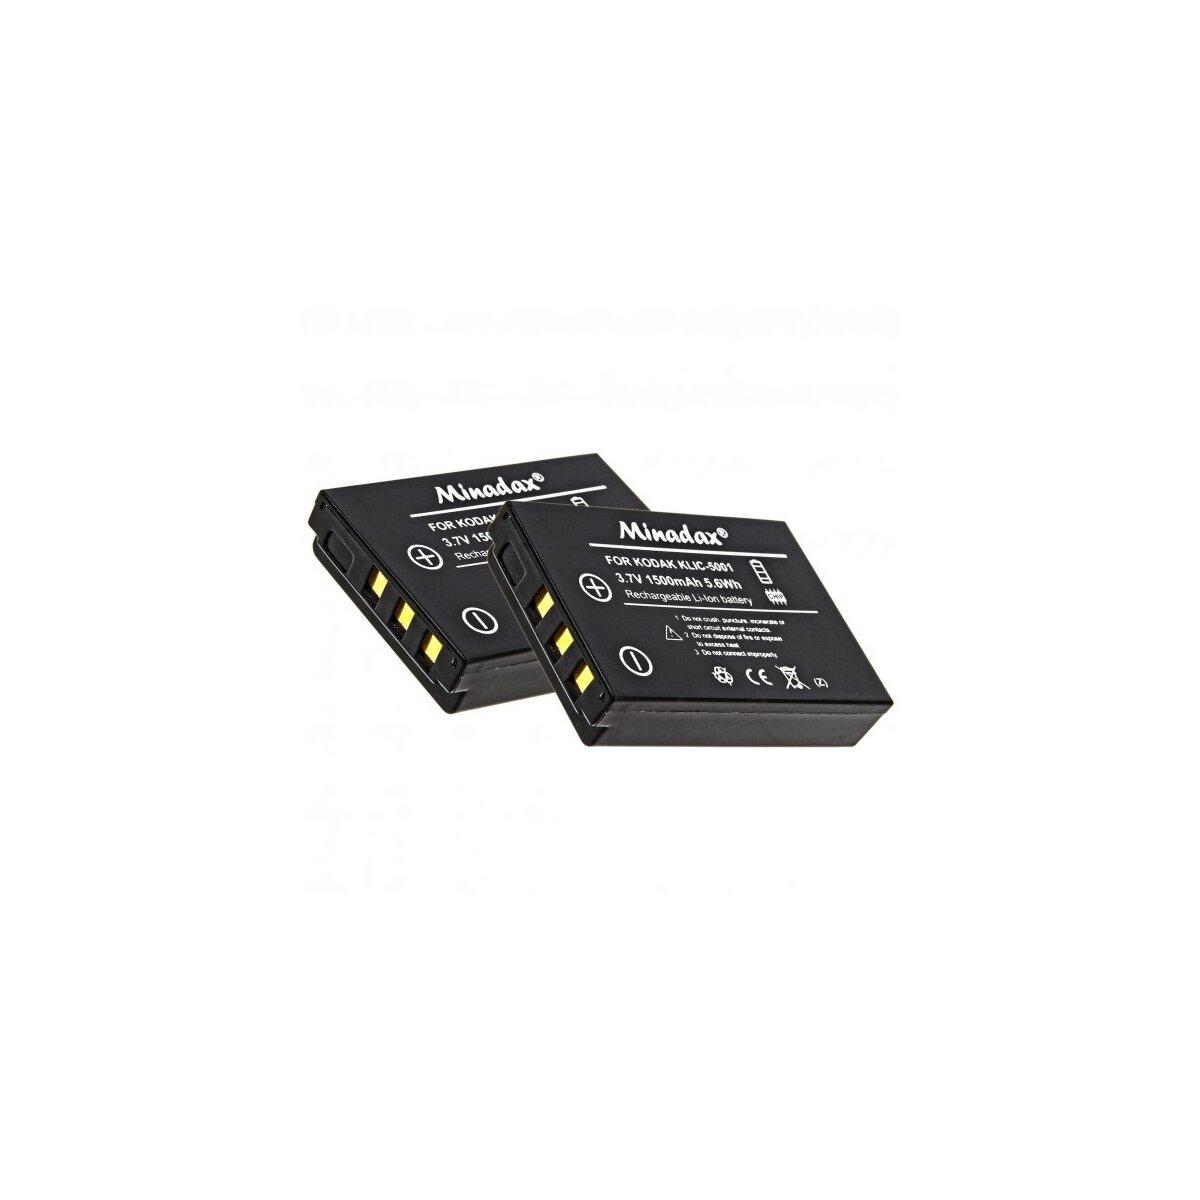 2x Minadax® Qualitaetsakku mit echten 1500 mAh fuer Kodak Easyshare DX6490 DX7440 DX7590 DX7630 P712 P850 P880 Z730 Z760 Z7590, wie KLIC-5001 - Intelligentes Akkusystem mit Chip